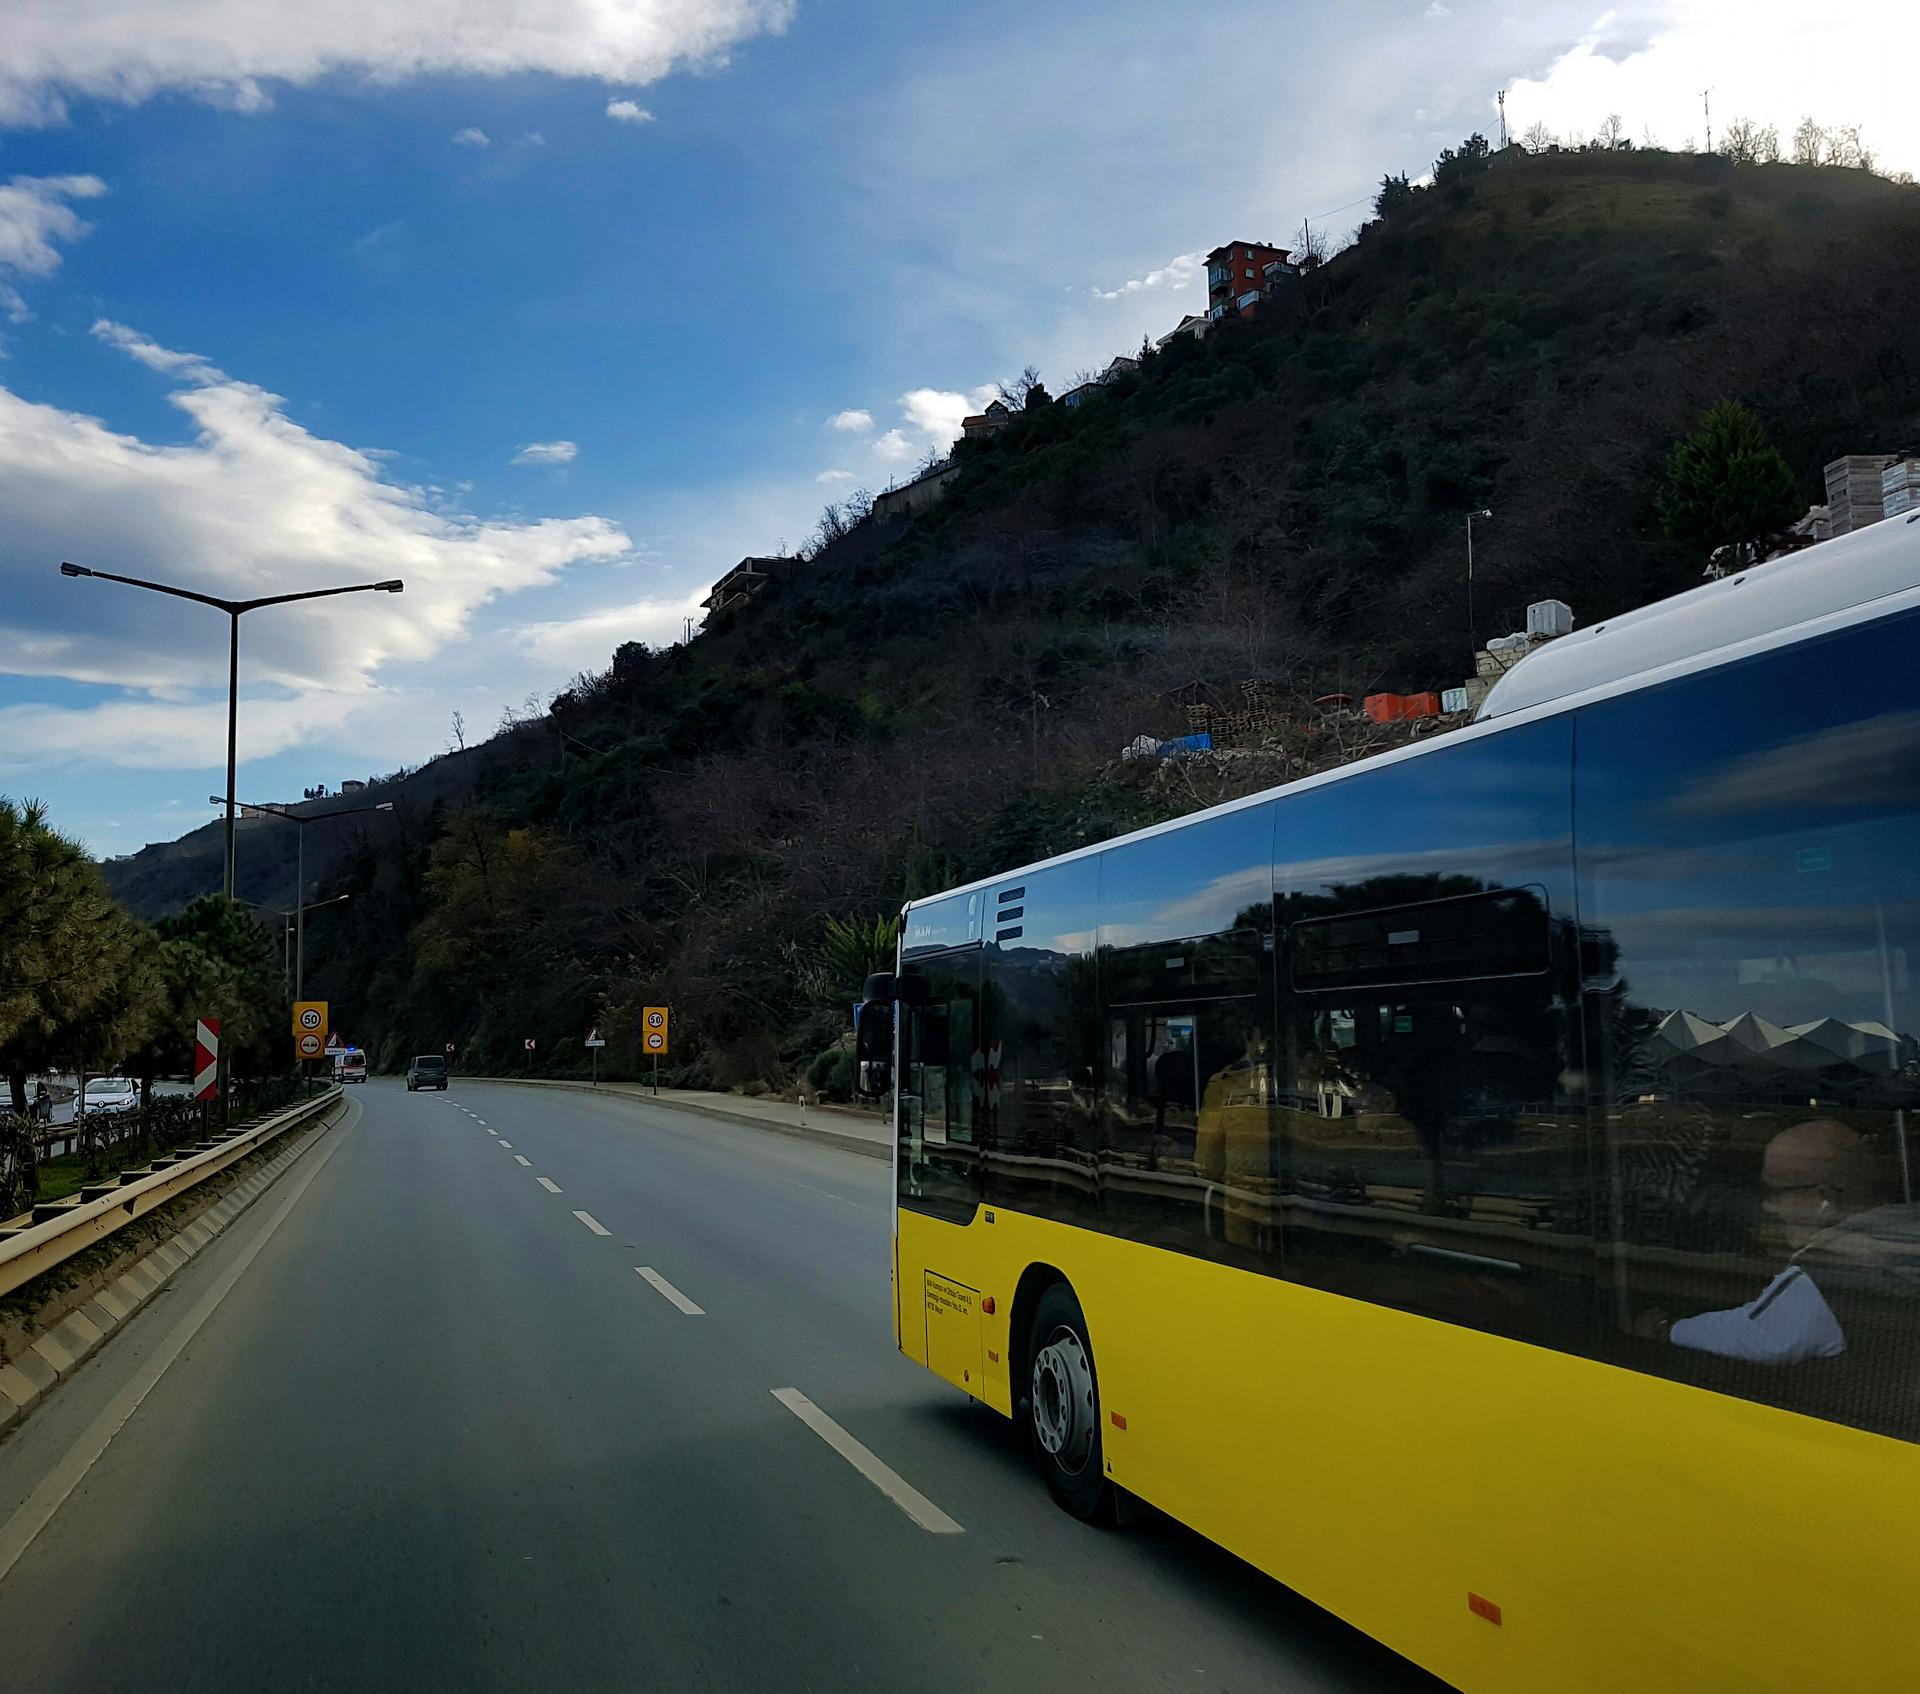 כמה עולה להשכיר אוטובוס?